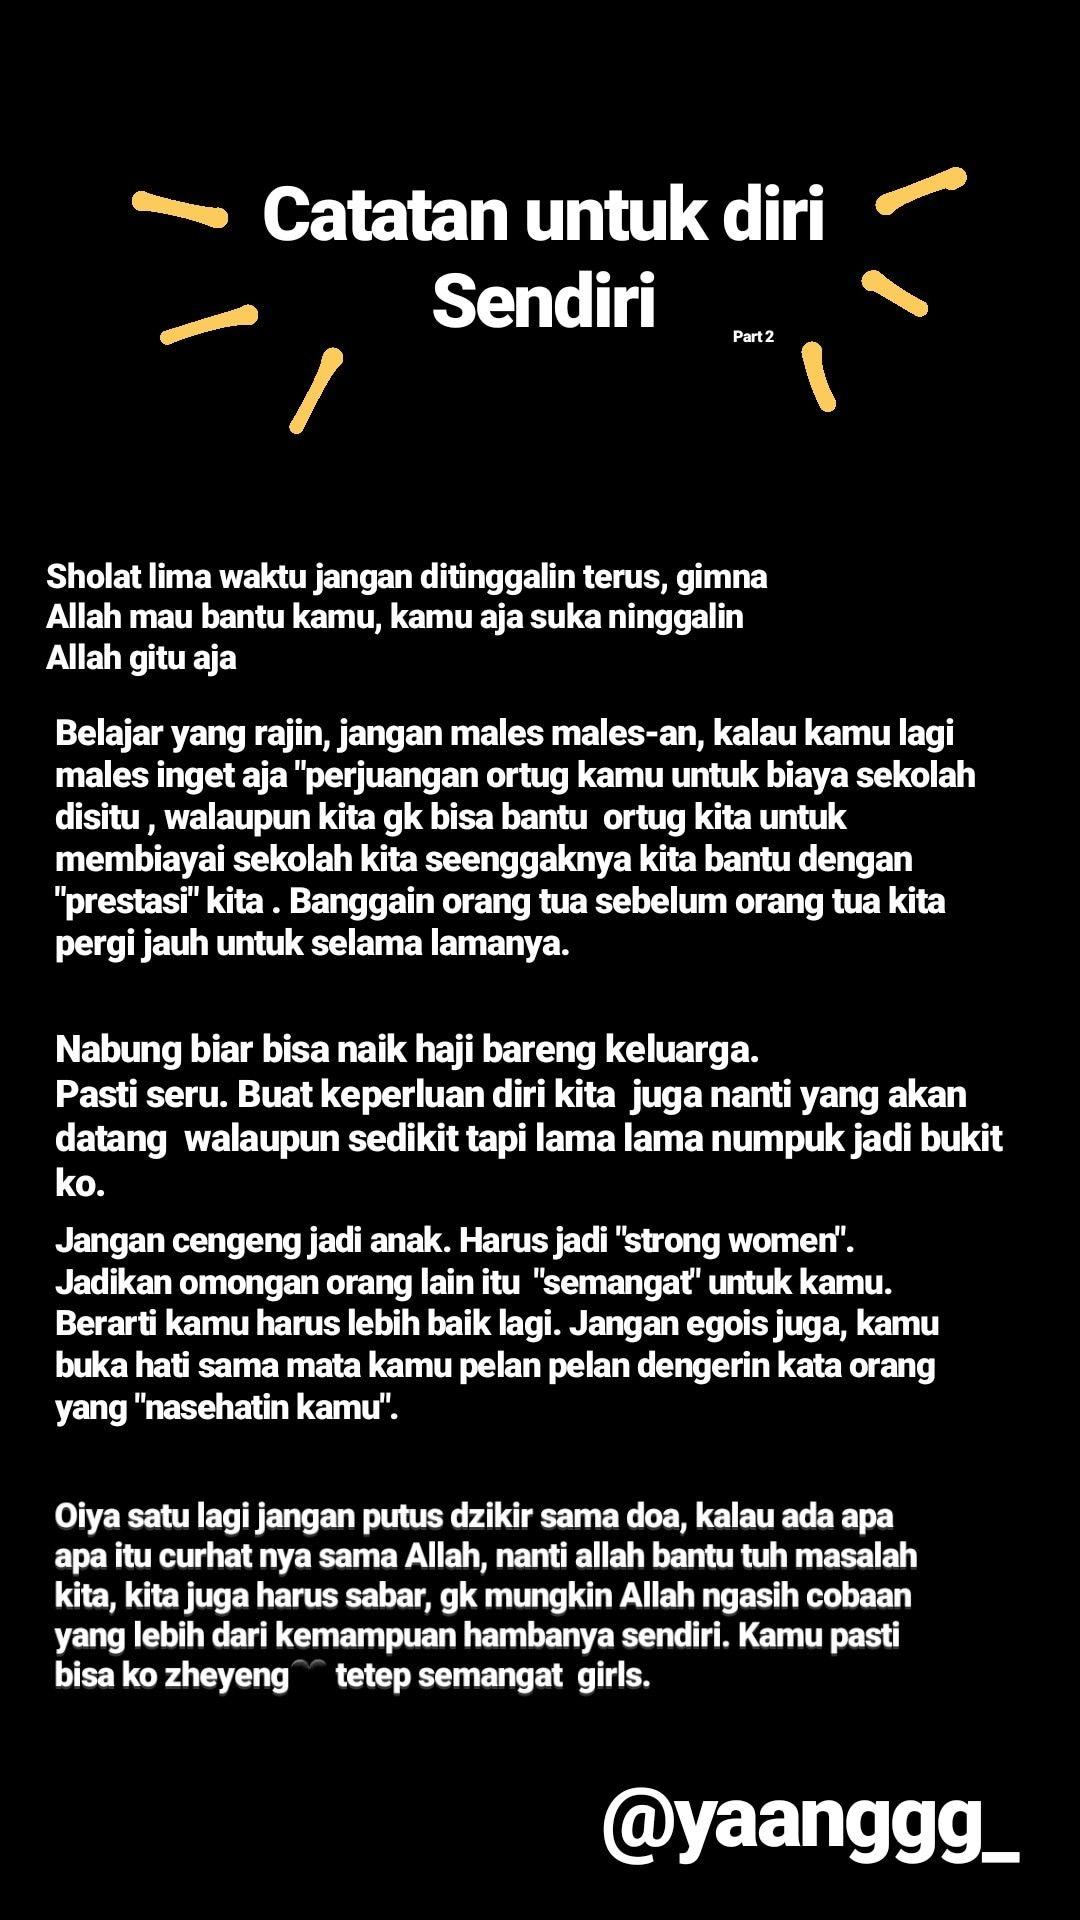 Pin Oleh Bby Di Qoute Di 2020 Islamic Quotes Kata Kata Indah